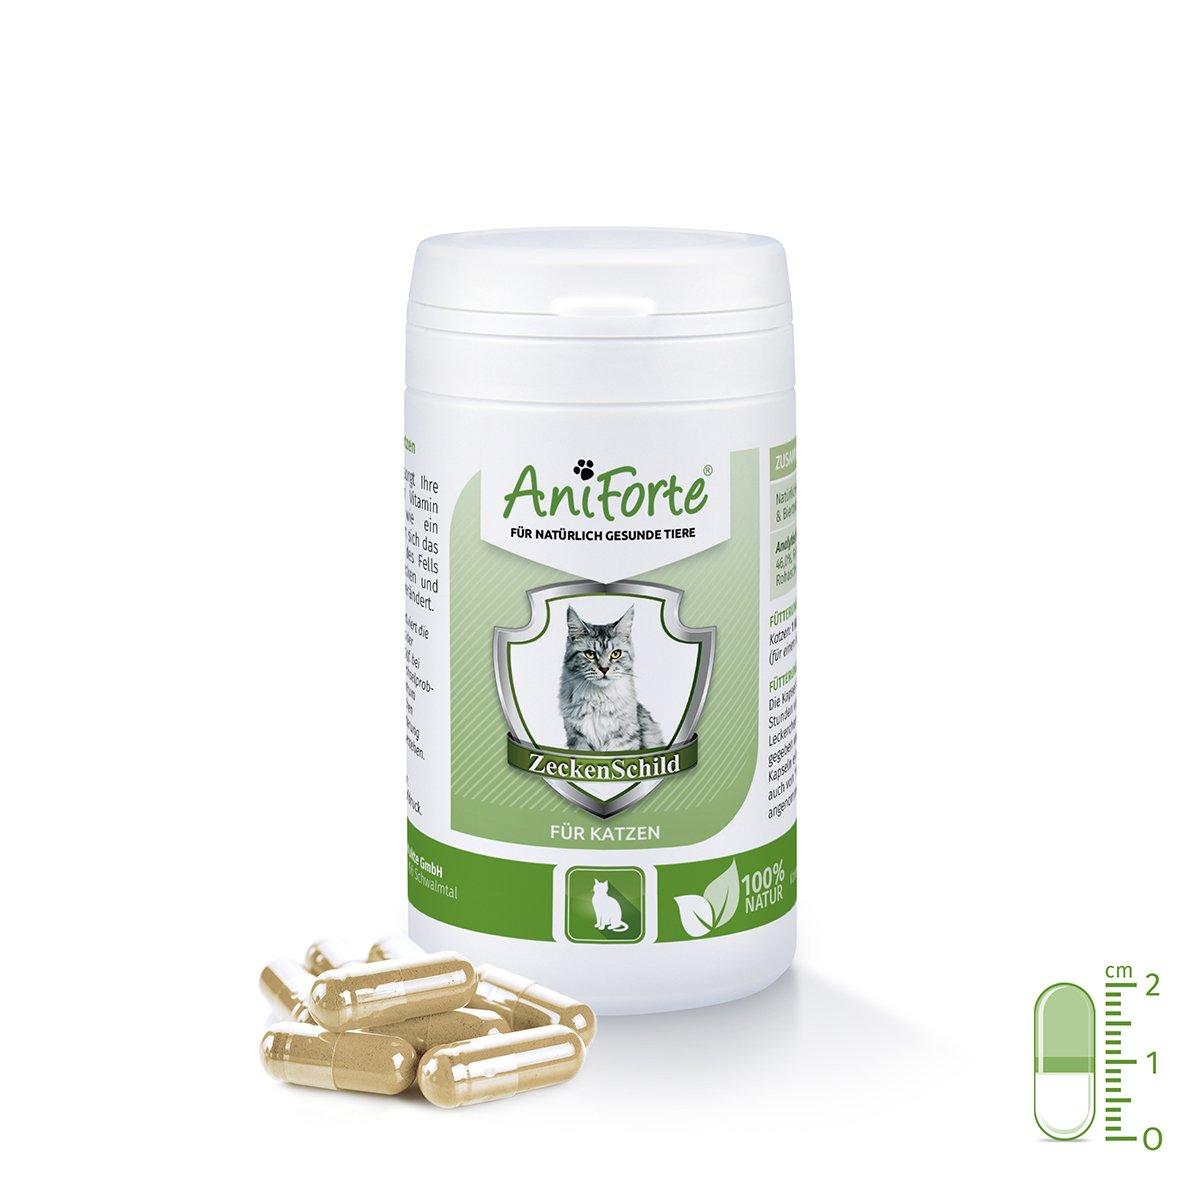 AniForte Zeckenschild natürlicher Zeckenschutz 60 Kapseln - Naturprodukt für Katzen Görges Naturprodukte GmbH